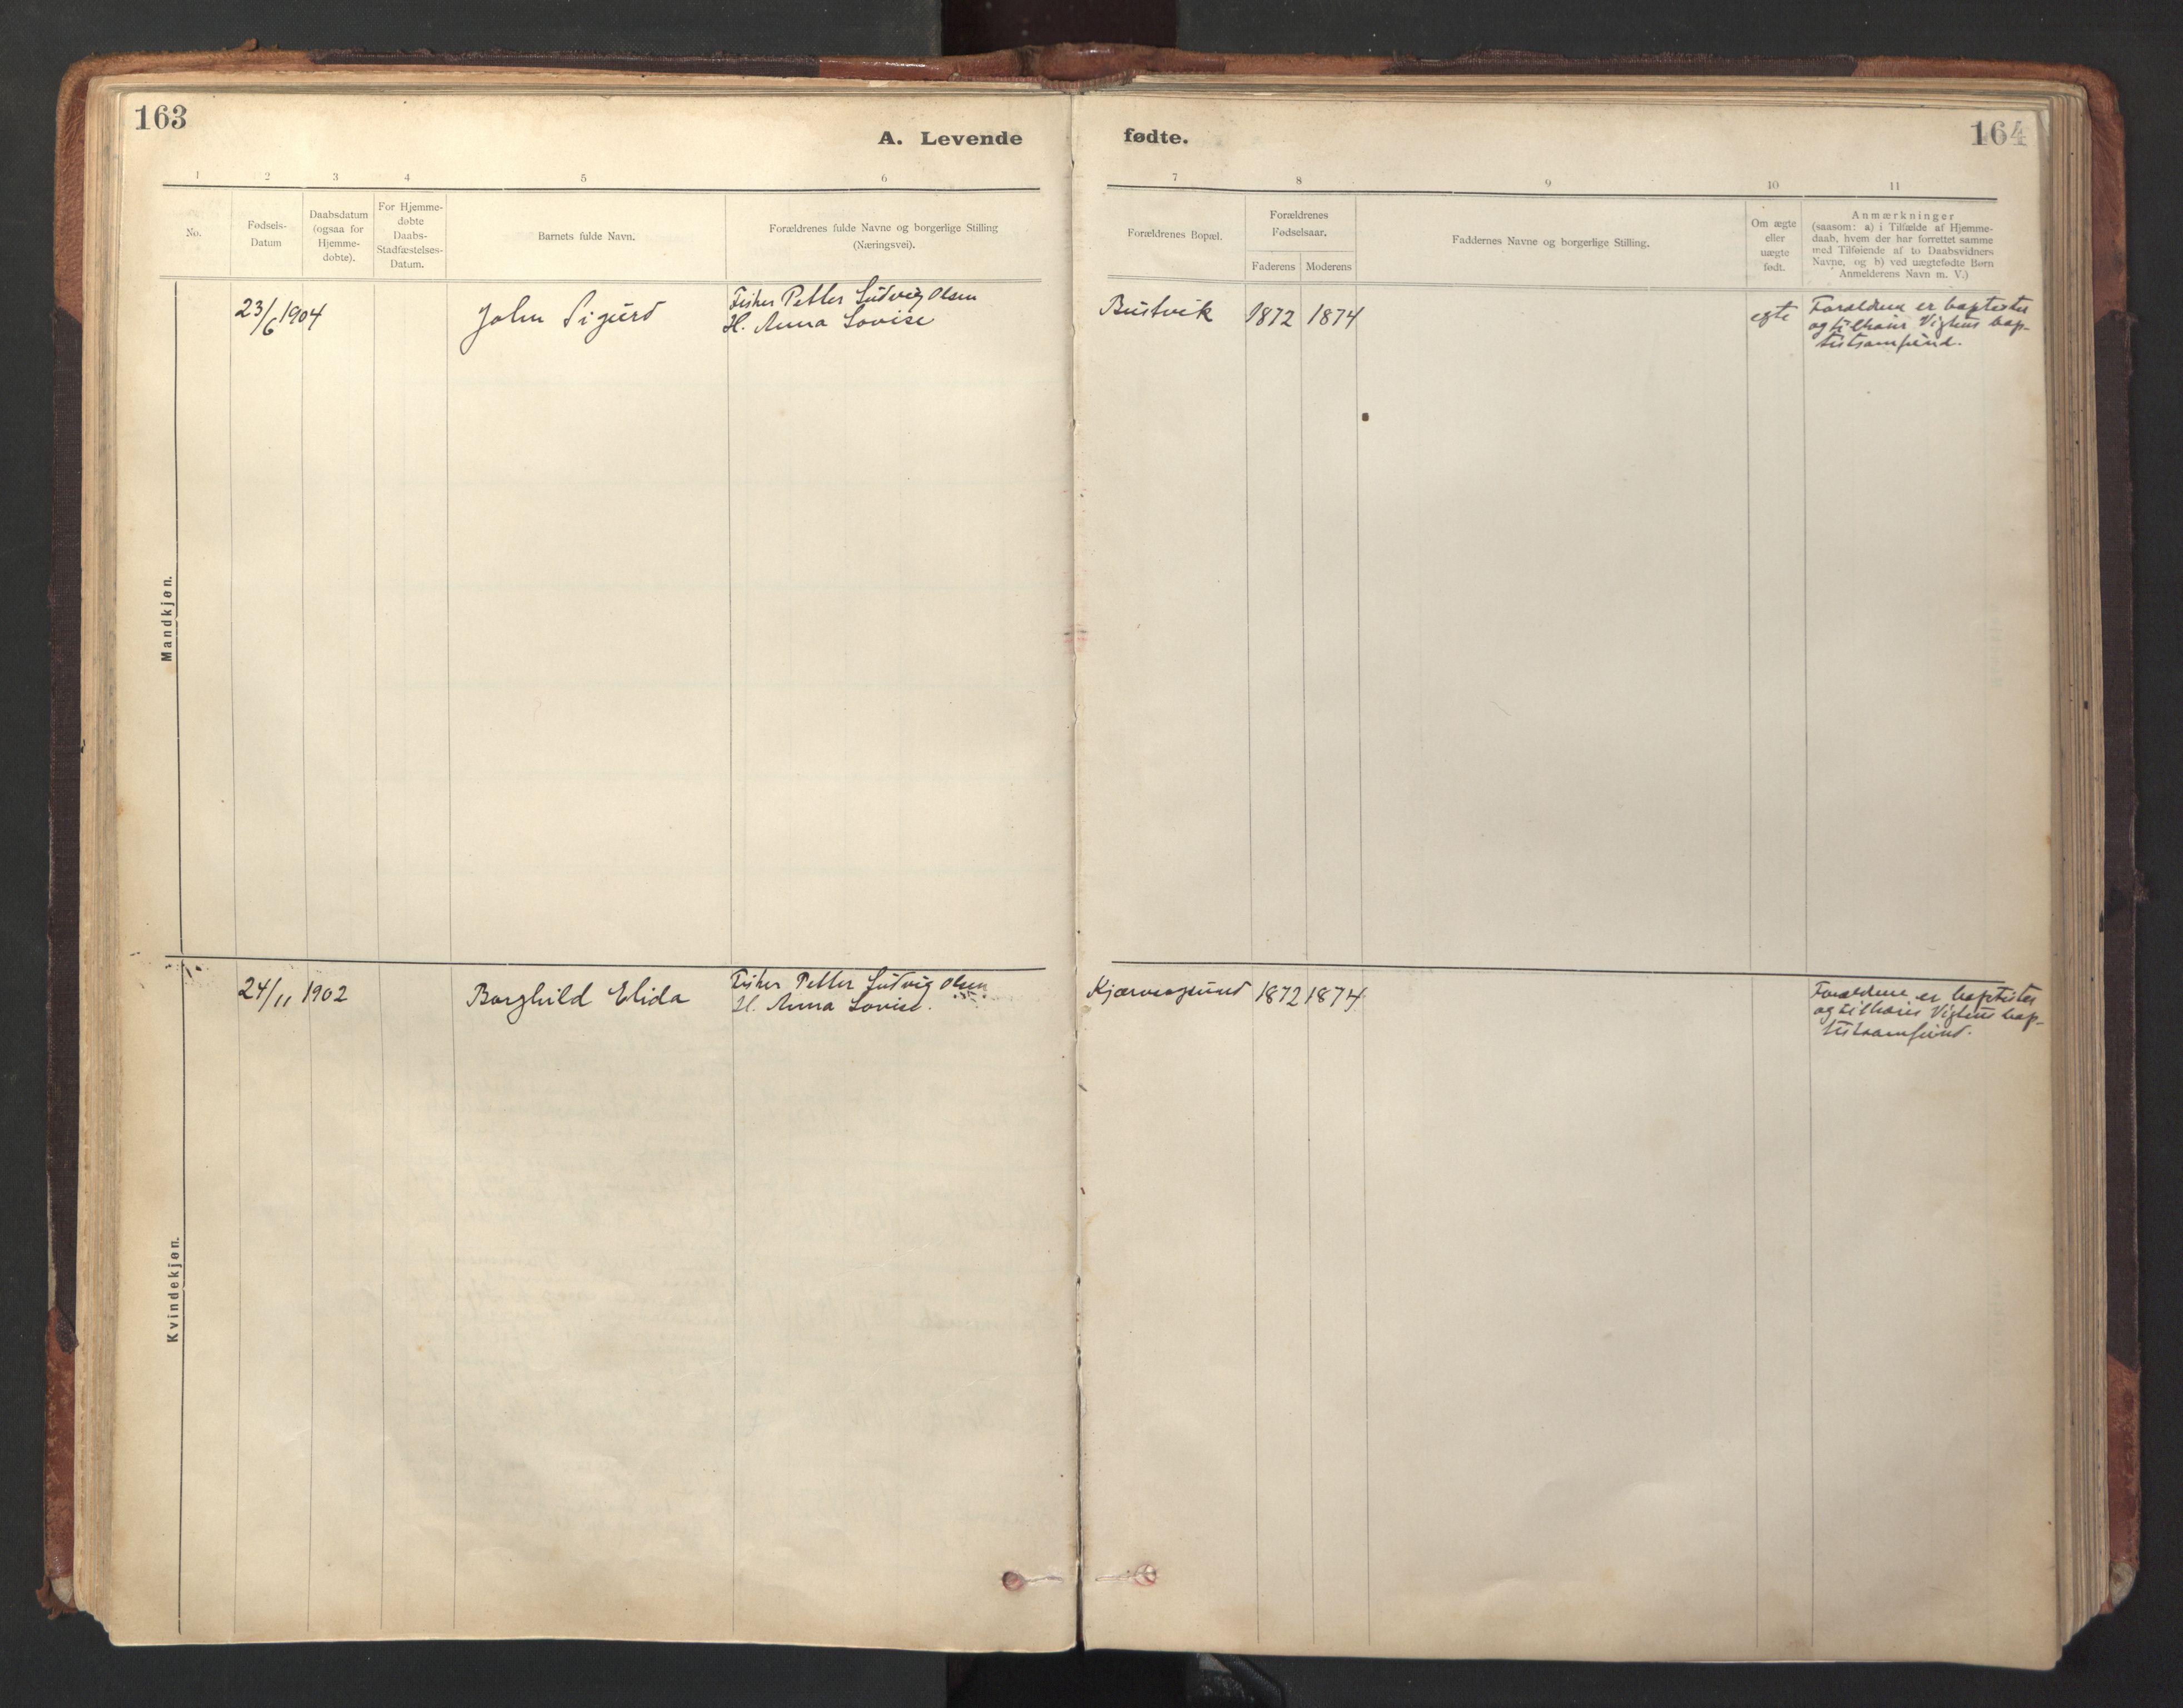 SAT, Ministerialprotokoller, klokkerbøker og fødselsregistre - Sør-Trøndelag, 641/L0596: Ministerialbok nr. 641A02, 1898-1915, s. 163-164